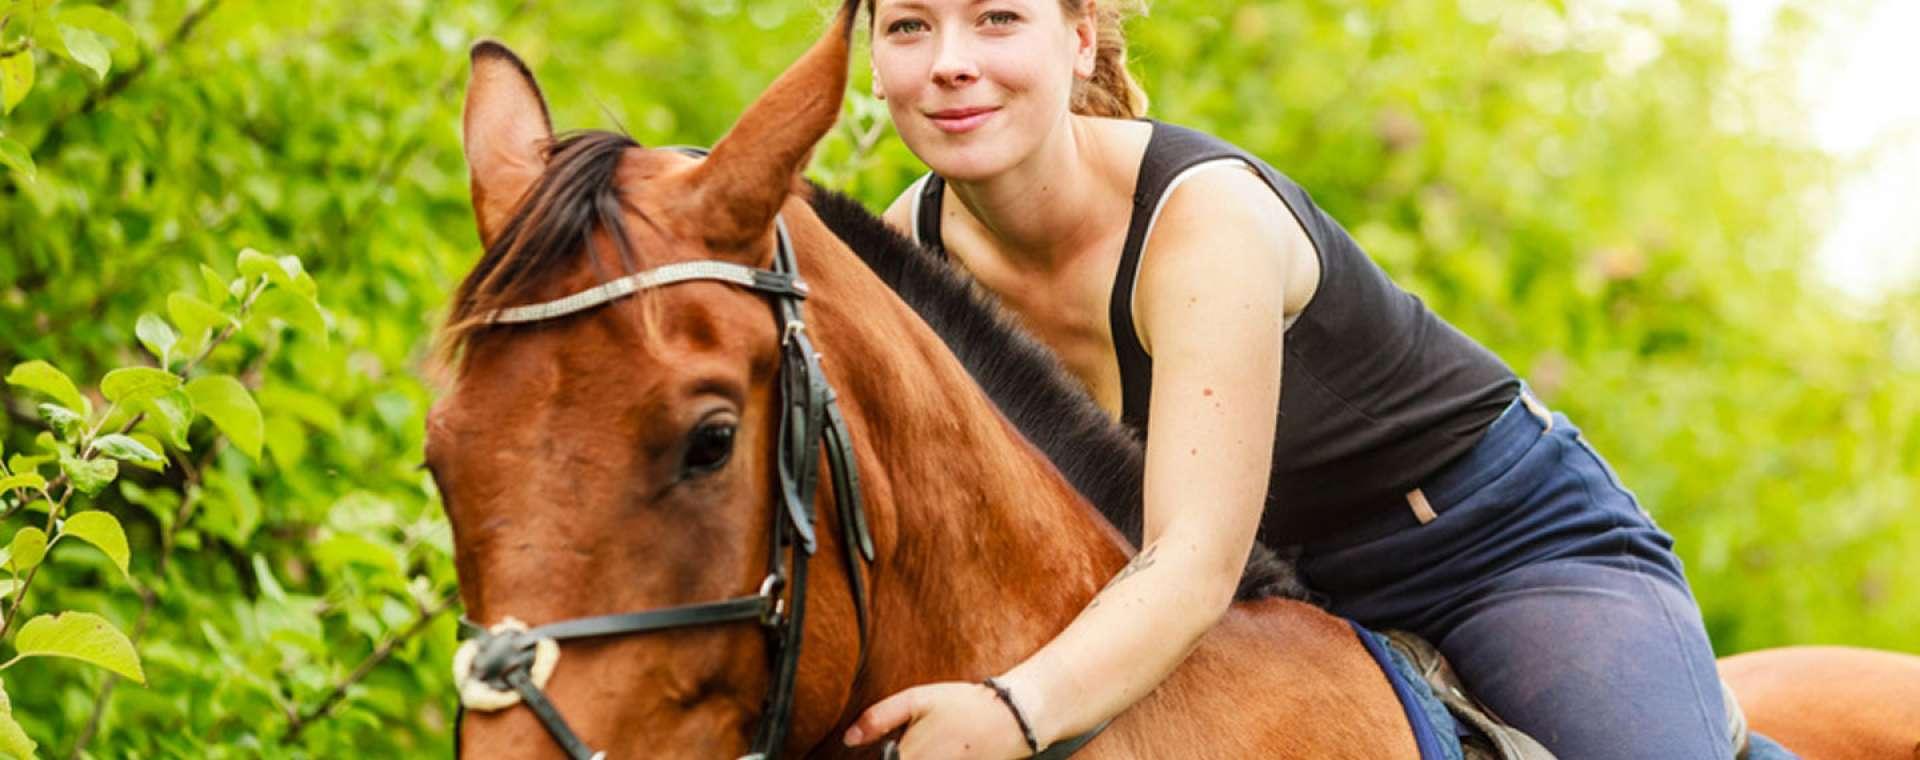 Saddle Up for Horseback Riding in Tuscany